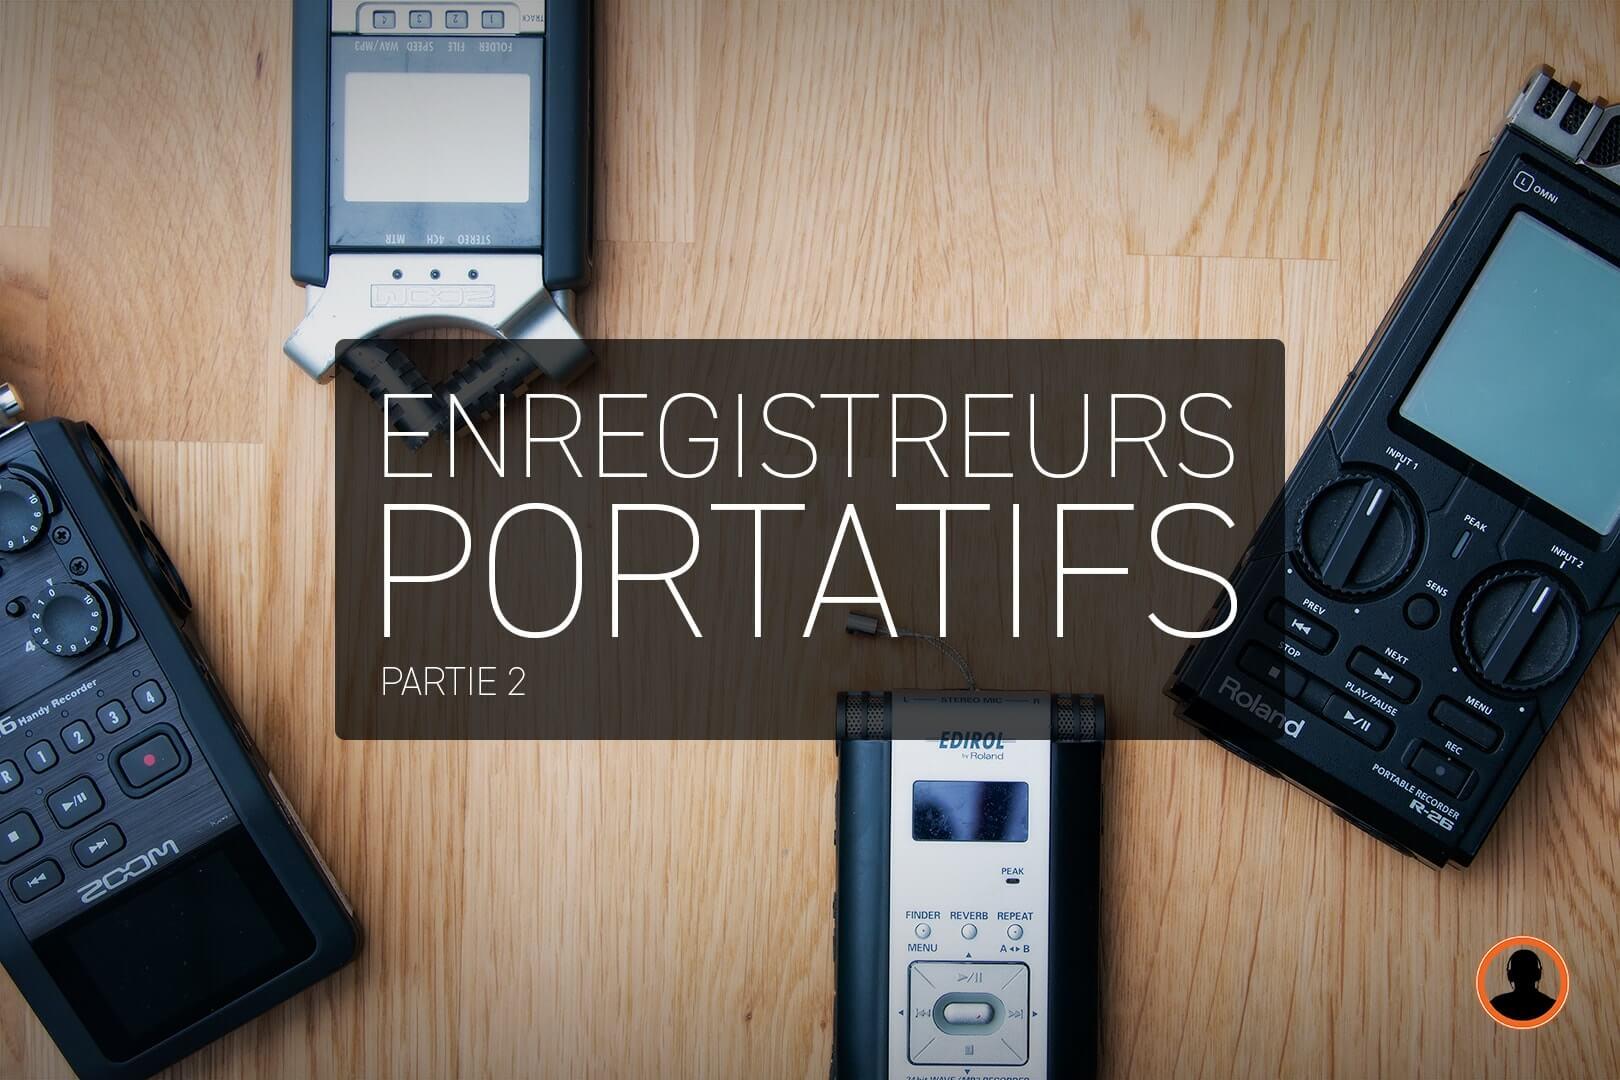 Enregistreurs portatifs (Partie 2)